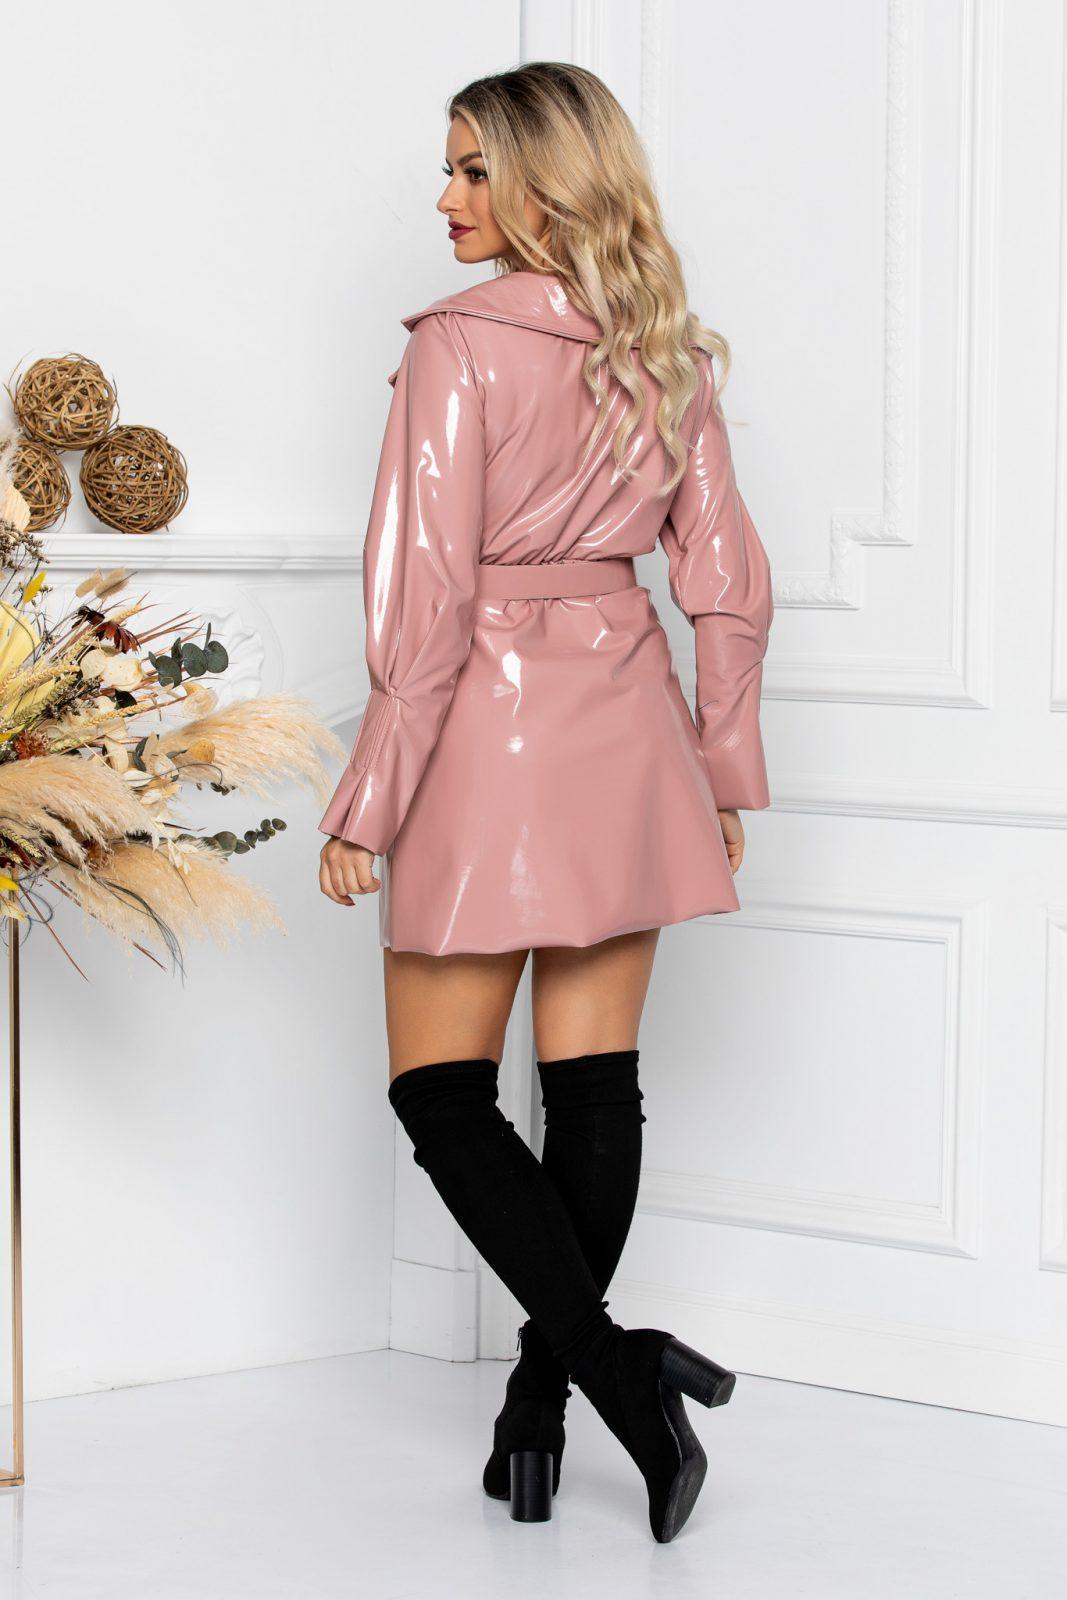 Ροζ Μίνι Φόρεμα Από Λουστρίνι Chaboo 8685 1